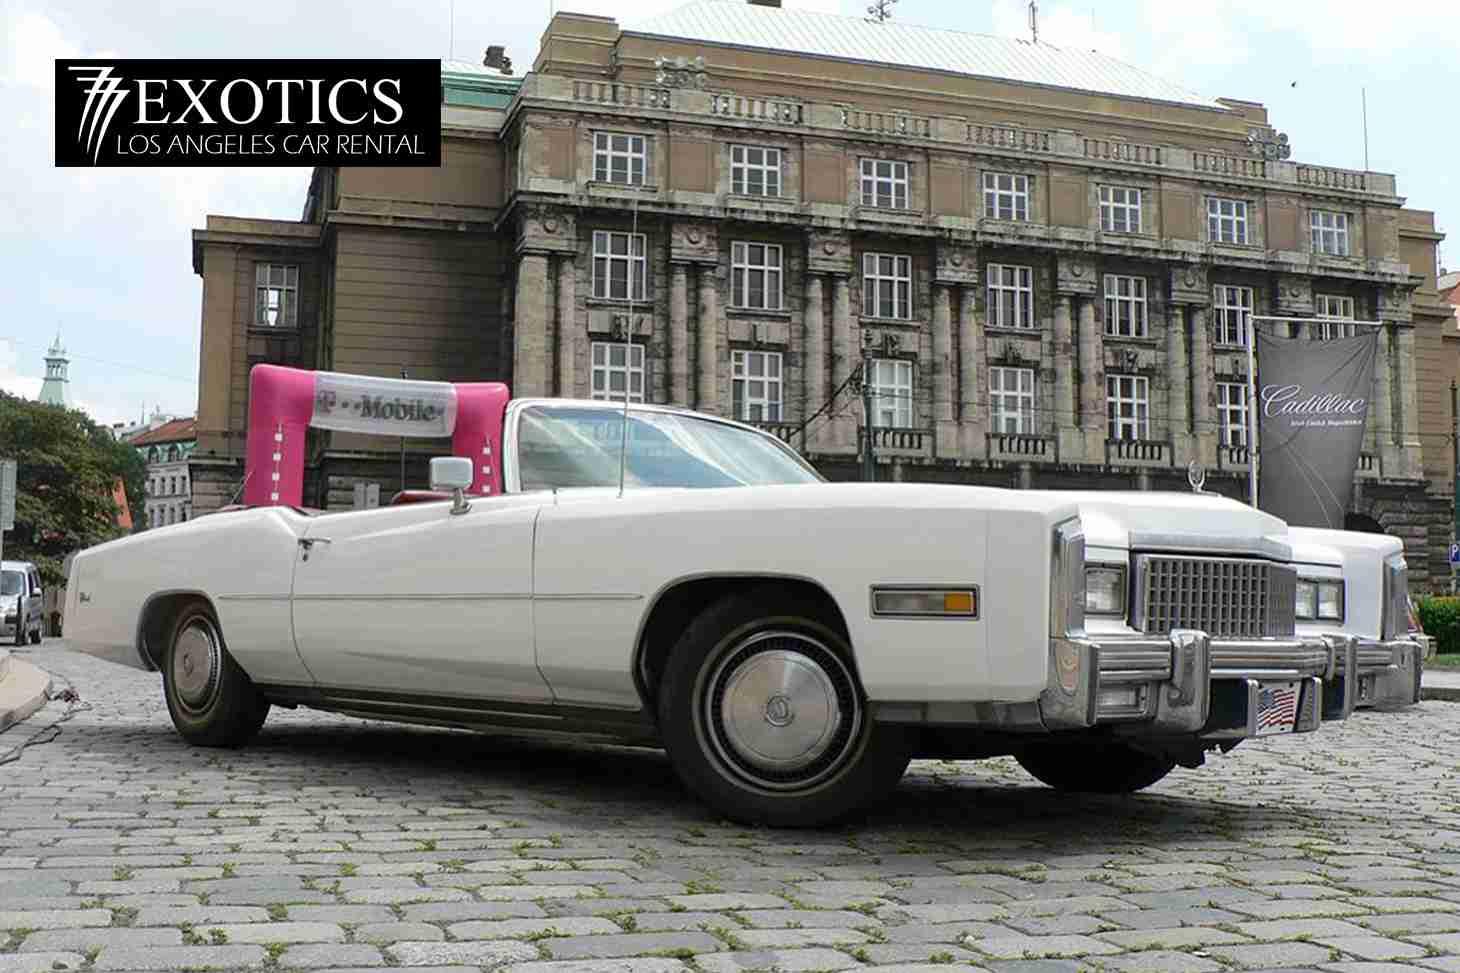 1975 Cadillac El Dorado side - 777 Exotic Car Rental Los ...